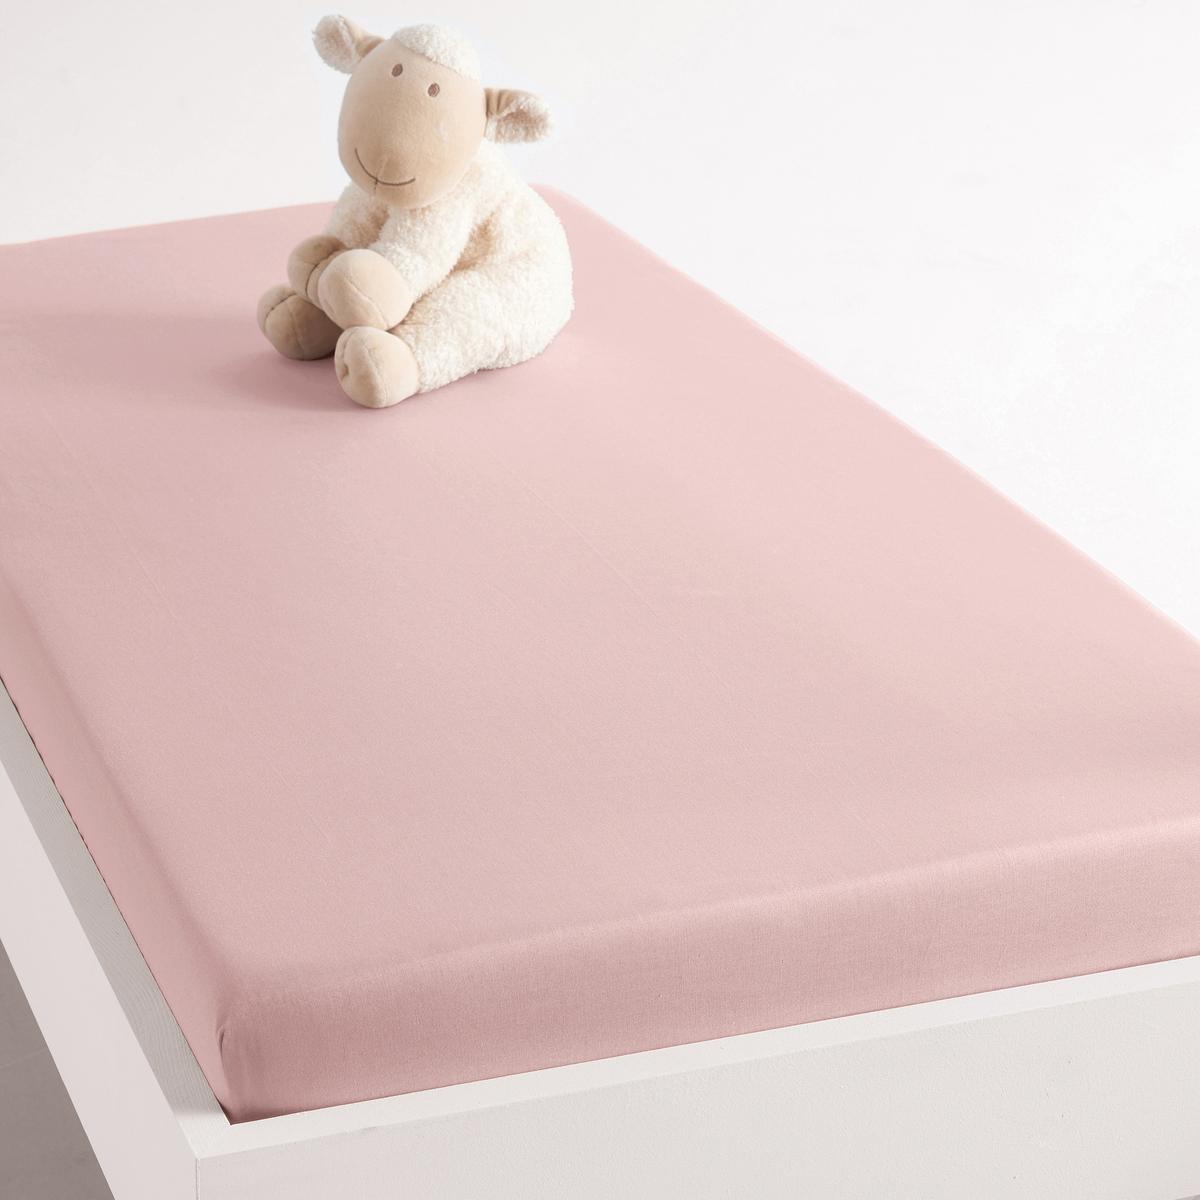 Простыня La Redoute Натяжная из джерси для кровати грудного ребенка SCENARIO 70 x 140 см розовый подушка для изголовья кровати 100% хлопокscenario